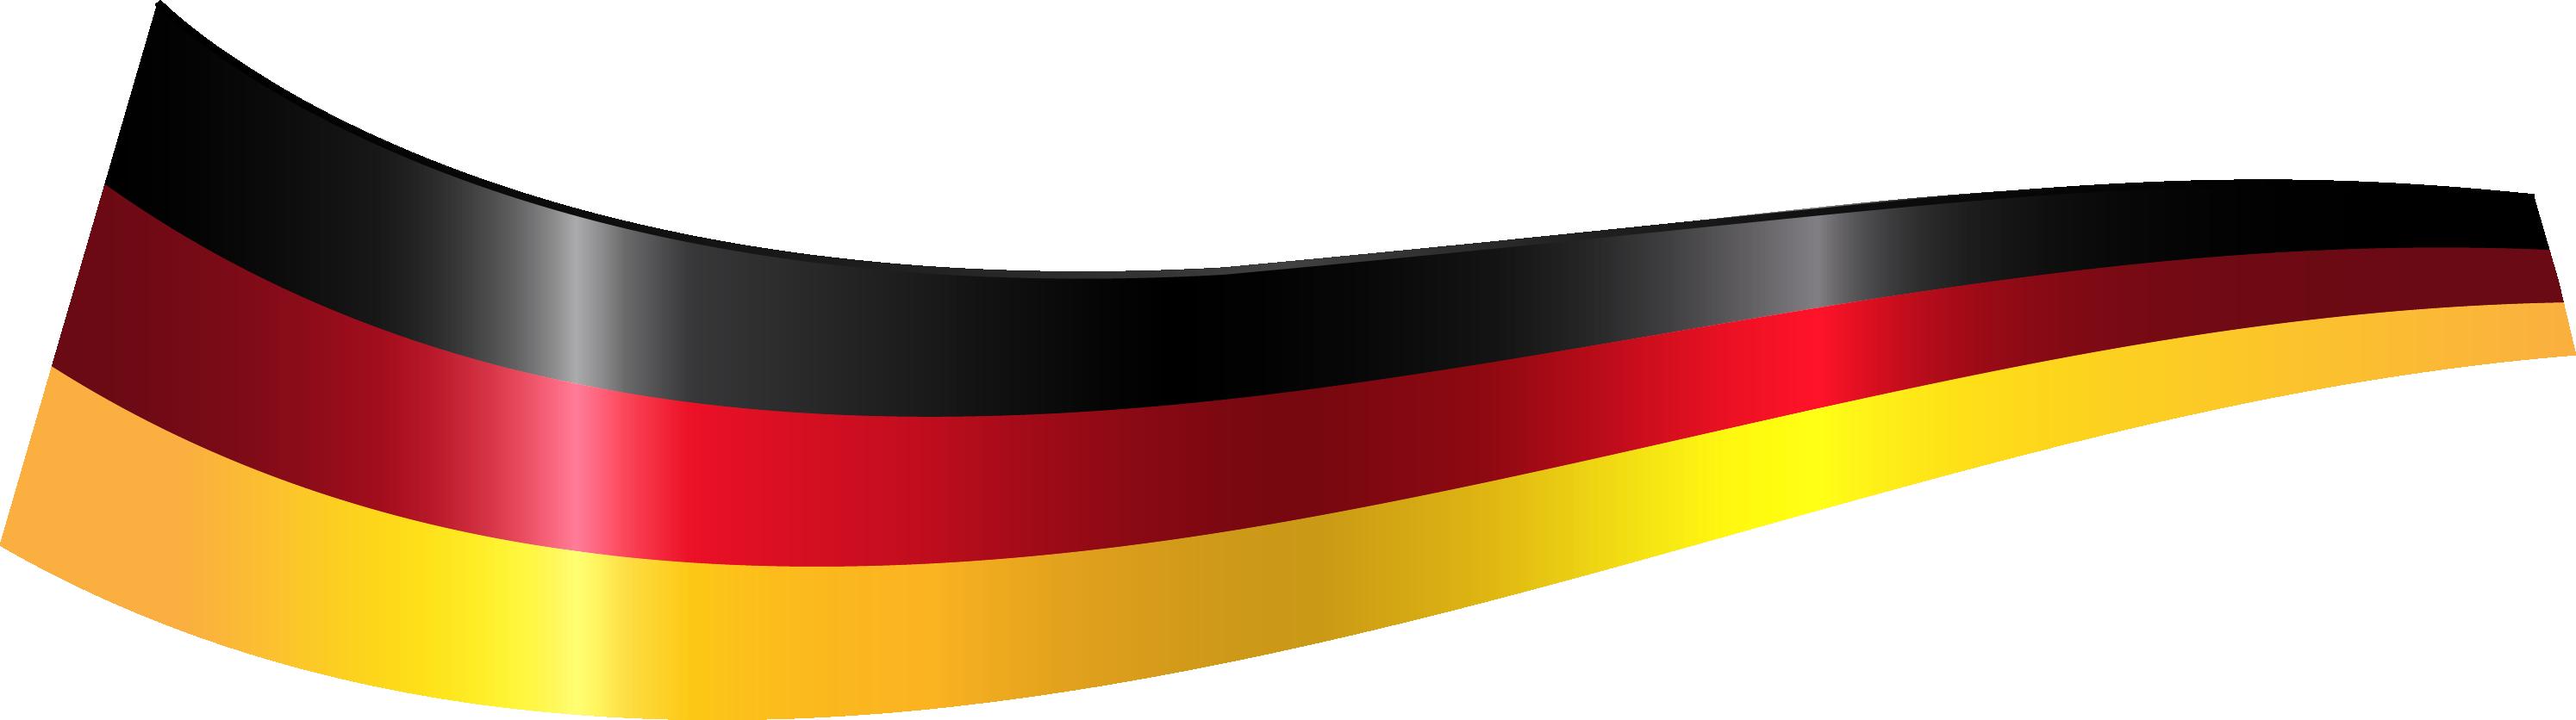 Download Germany Flag Png German Flag Ribbon Transparent Full Size Png Image Pngkit